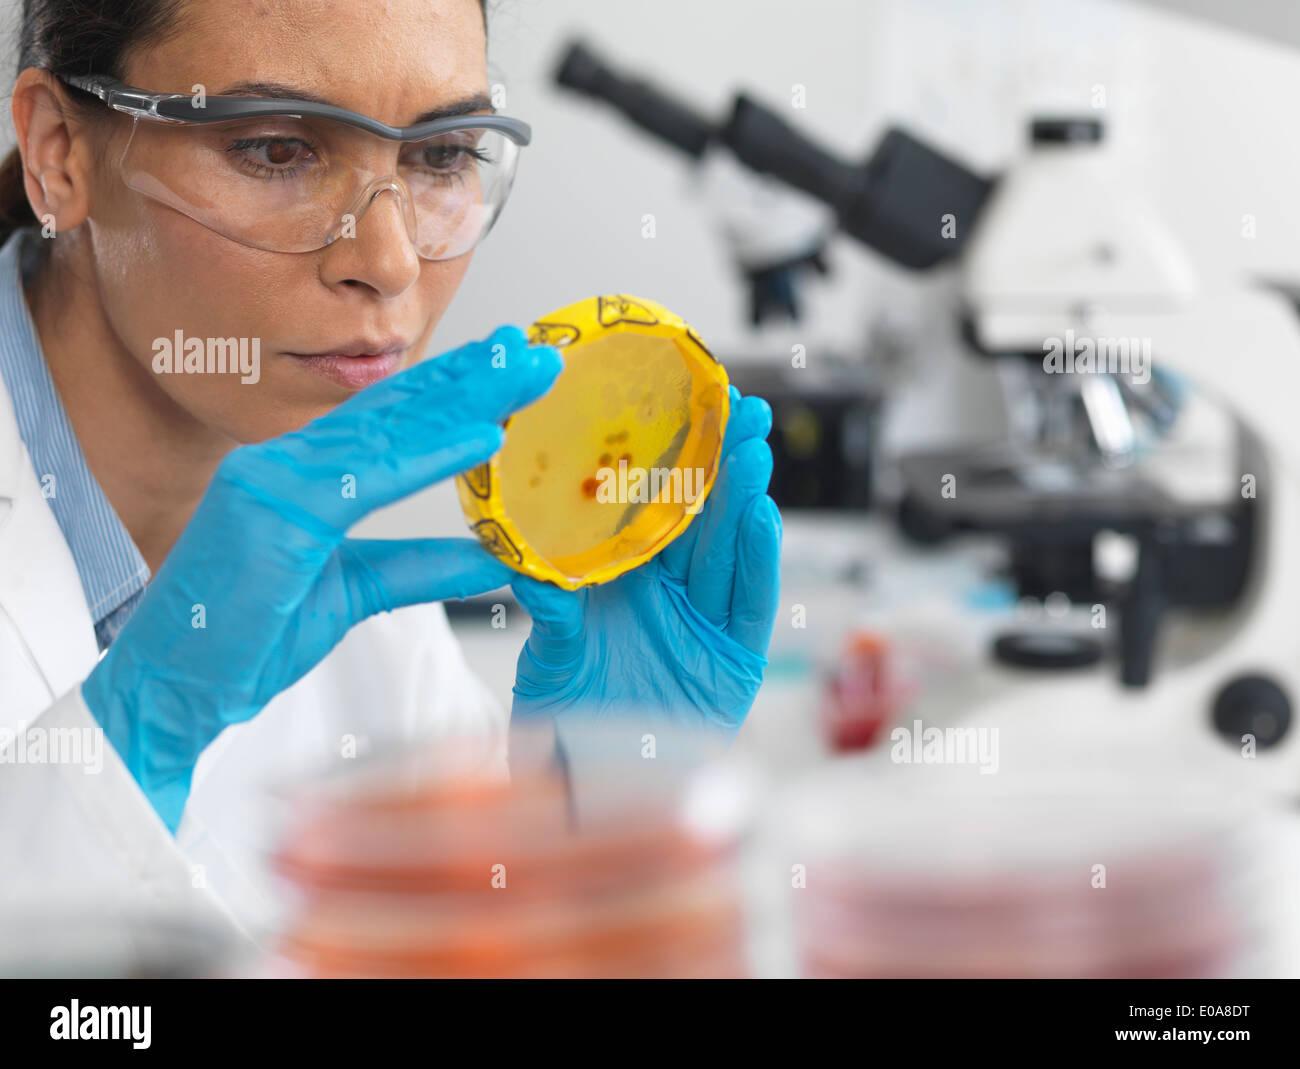 Wissenschaftler, die Kulturen wachsen in Petrischalen mit einem Band Biohazard auf in einem Mikrobiologielabor anzeigen Stockbild